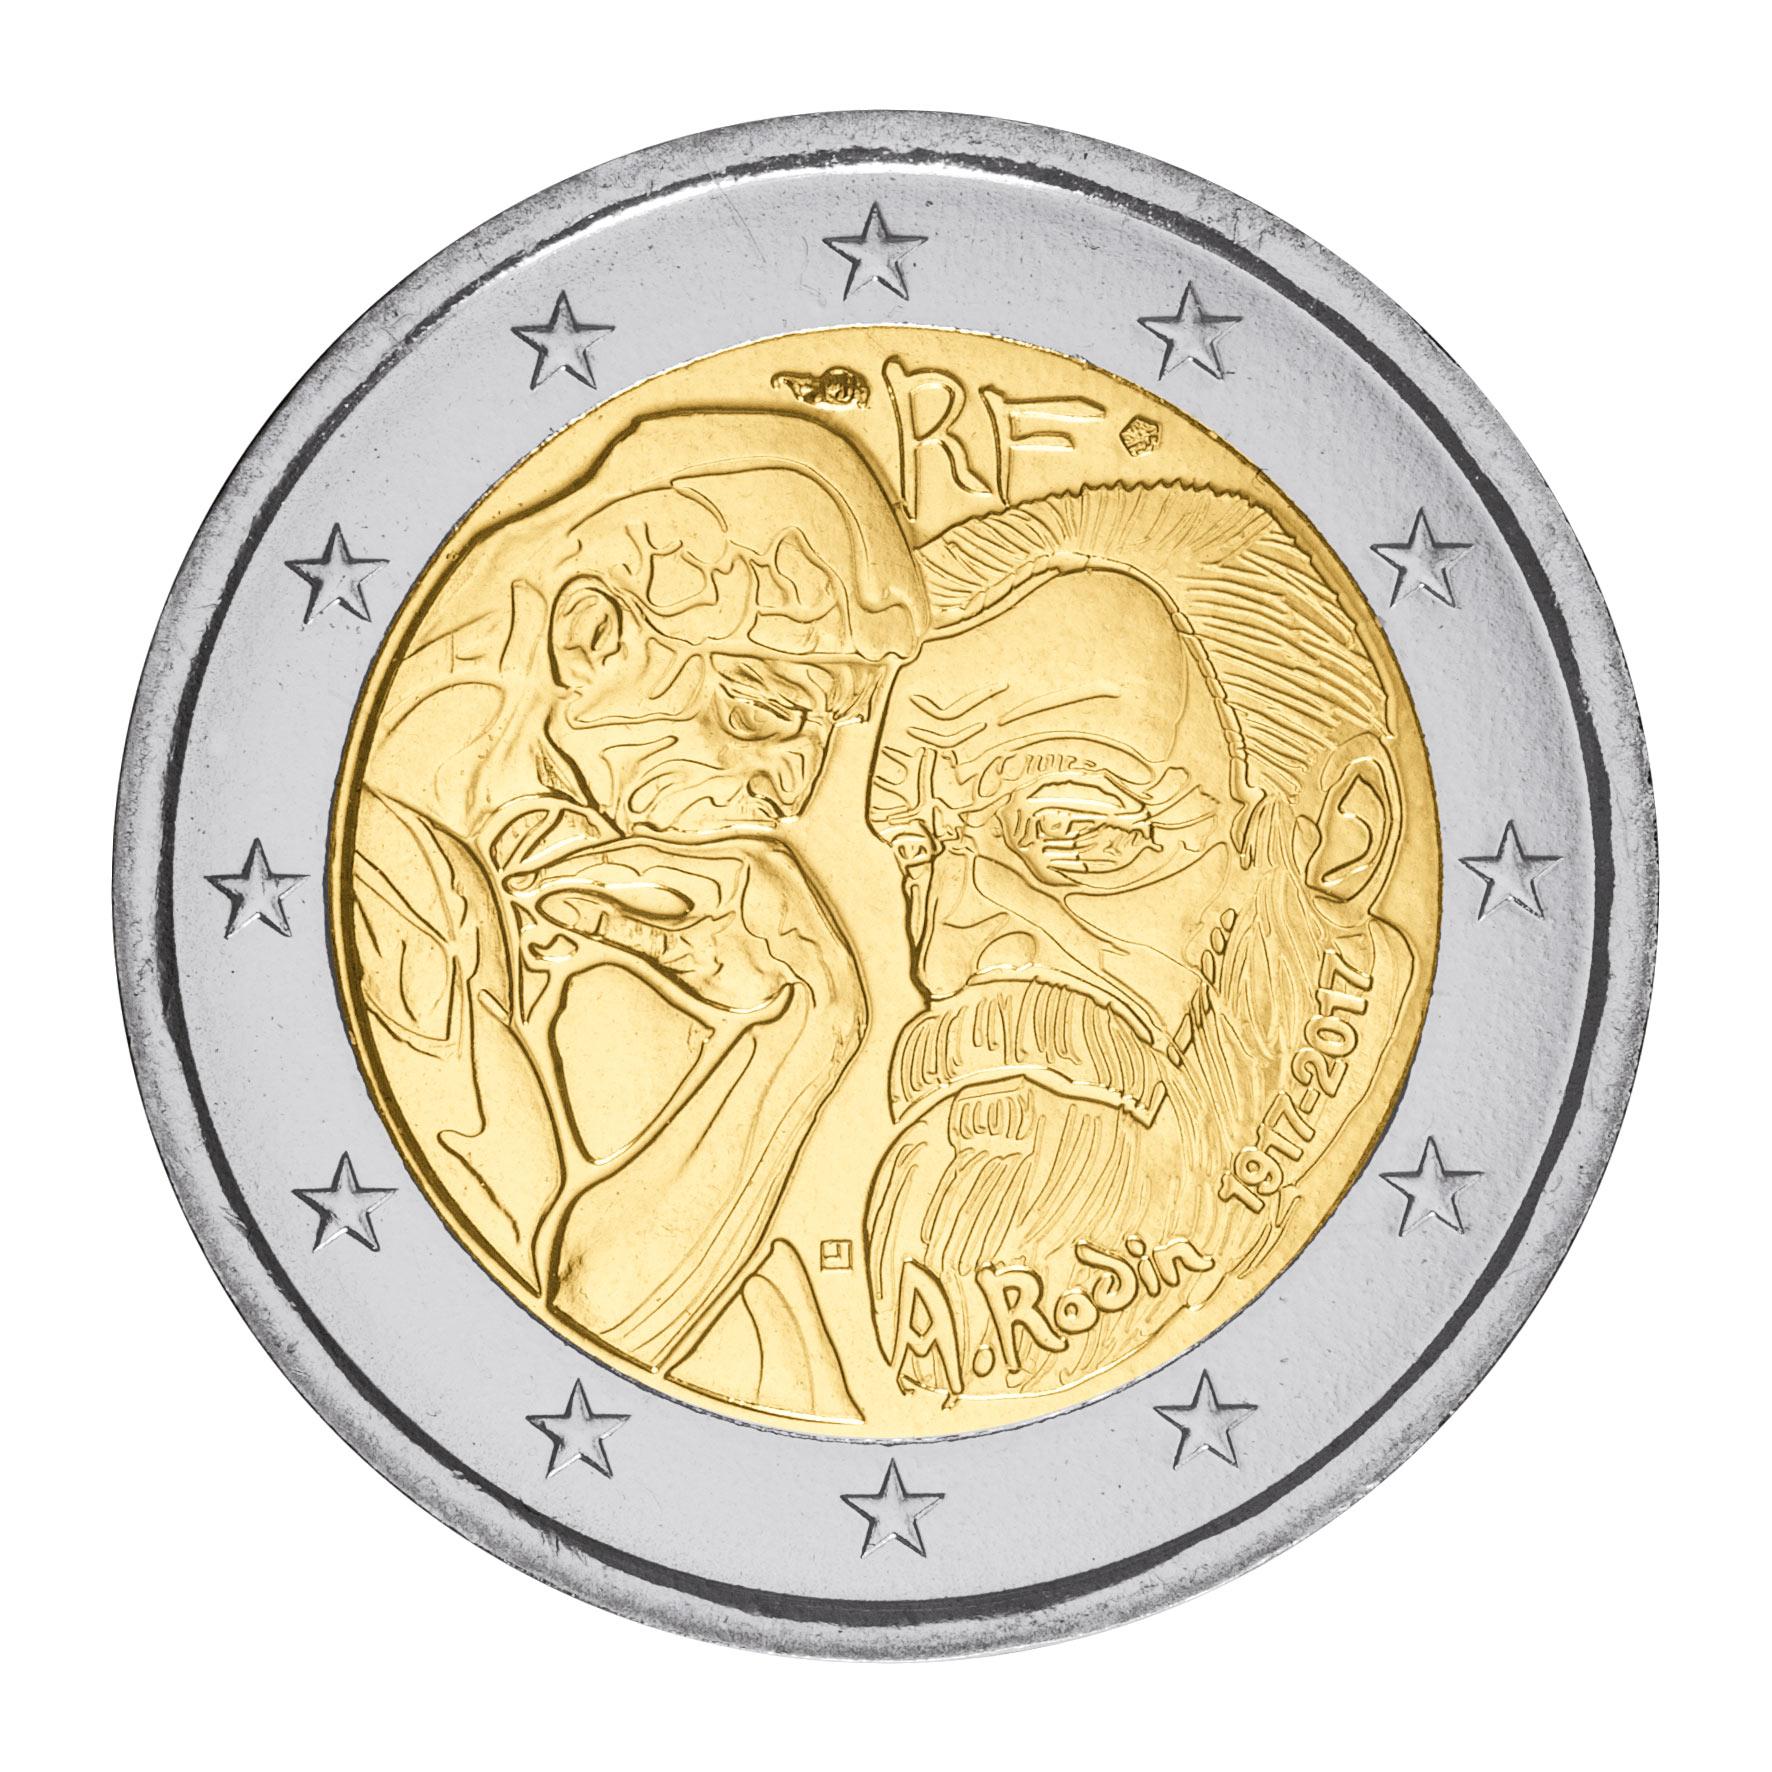 Ratgeber Münzen Sammeln Faszinierendes Sammelgebiet Philosophen